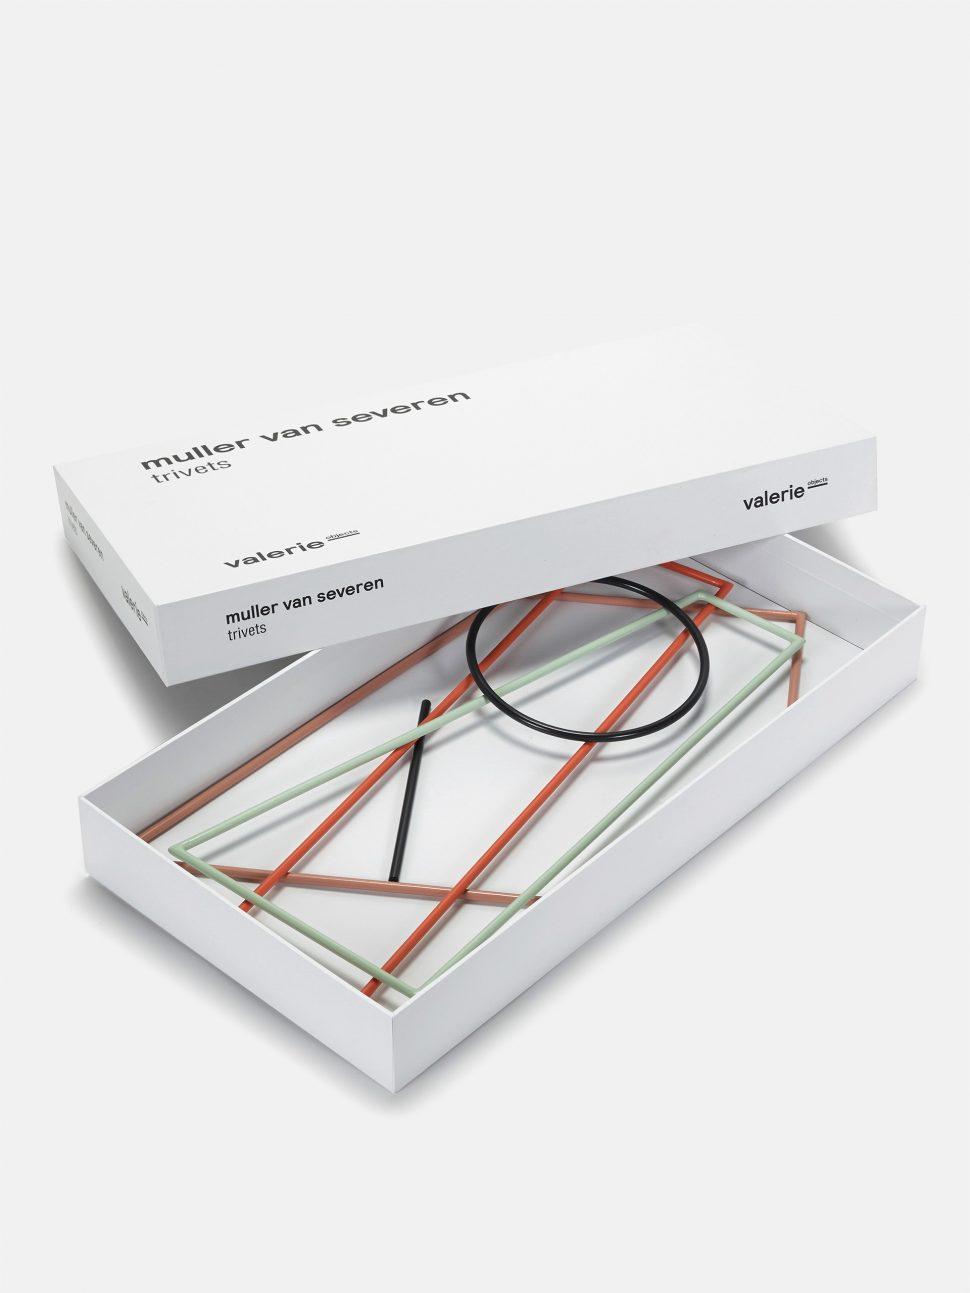 valerie objects Muller Van Severen trivets Packaging